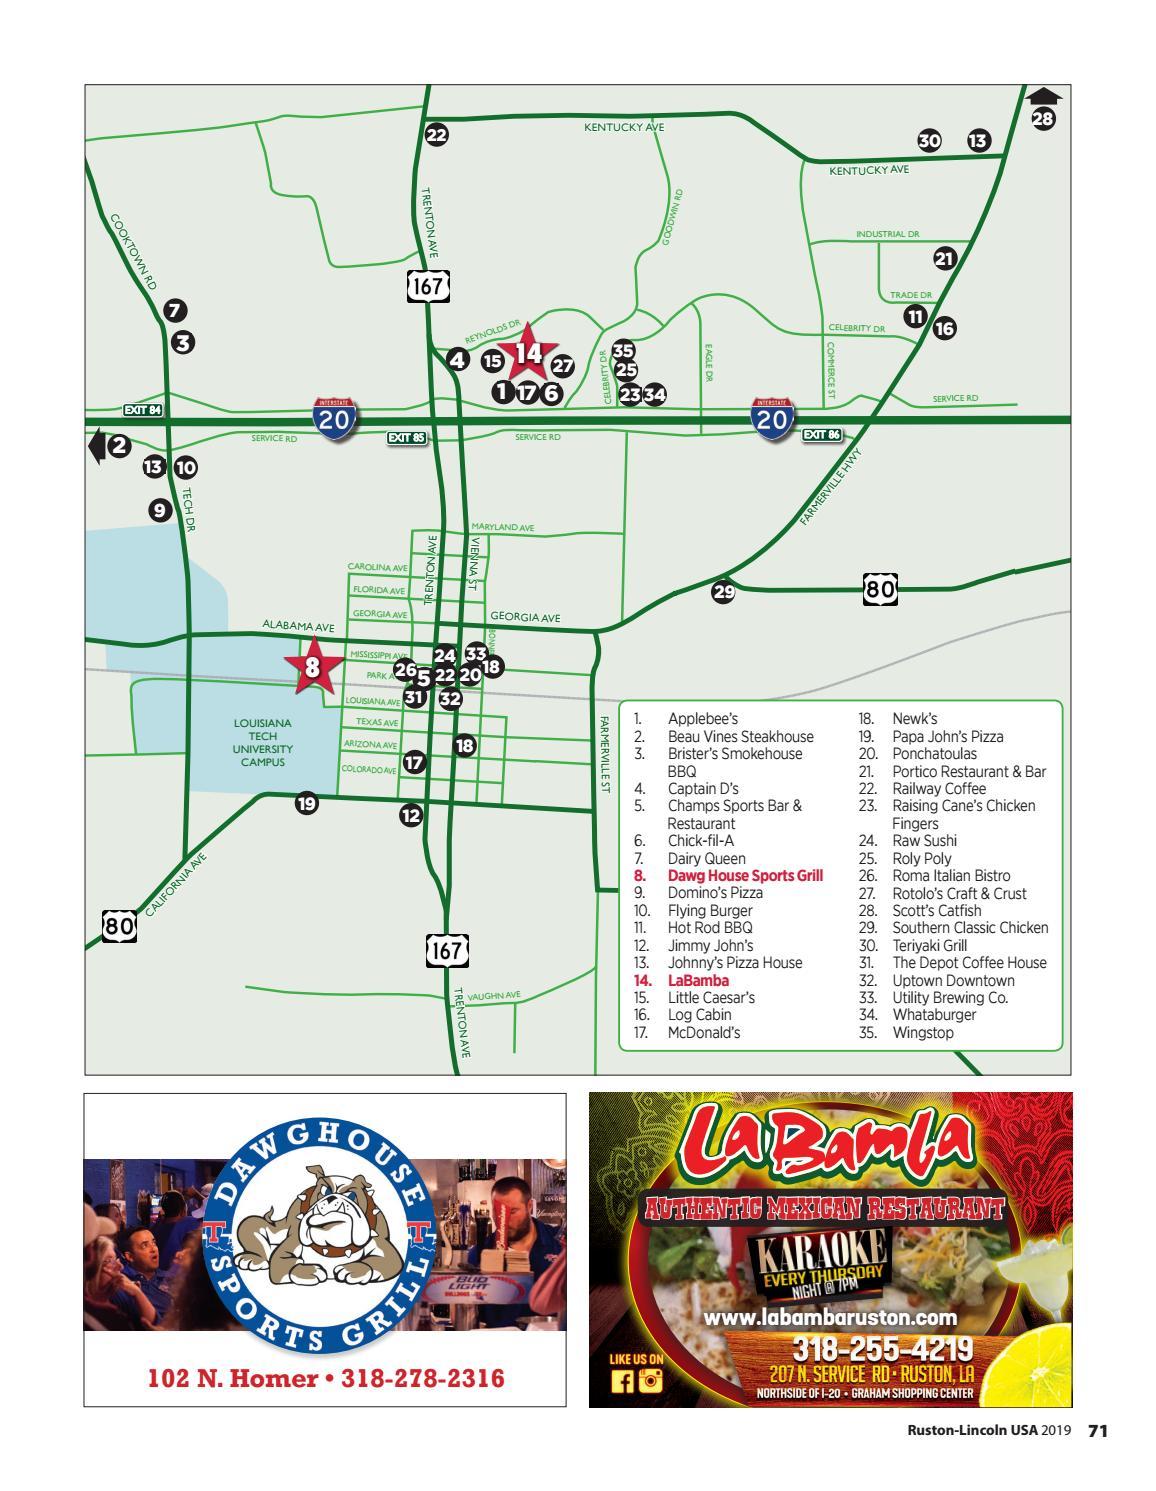 Ruston-Lincoln USA Community & Relocation Guide